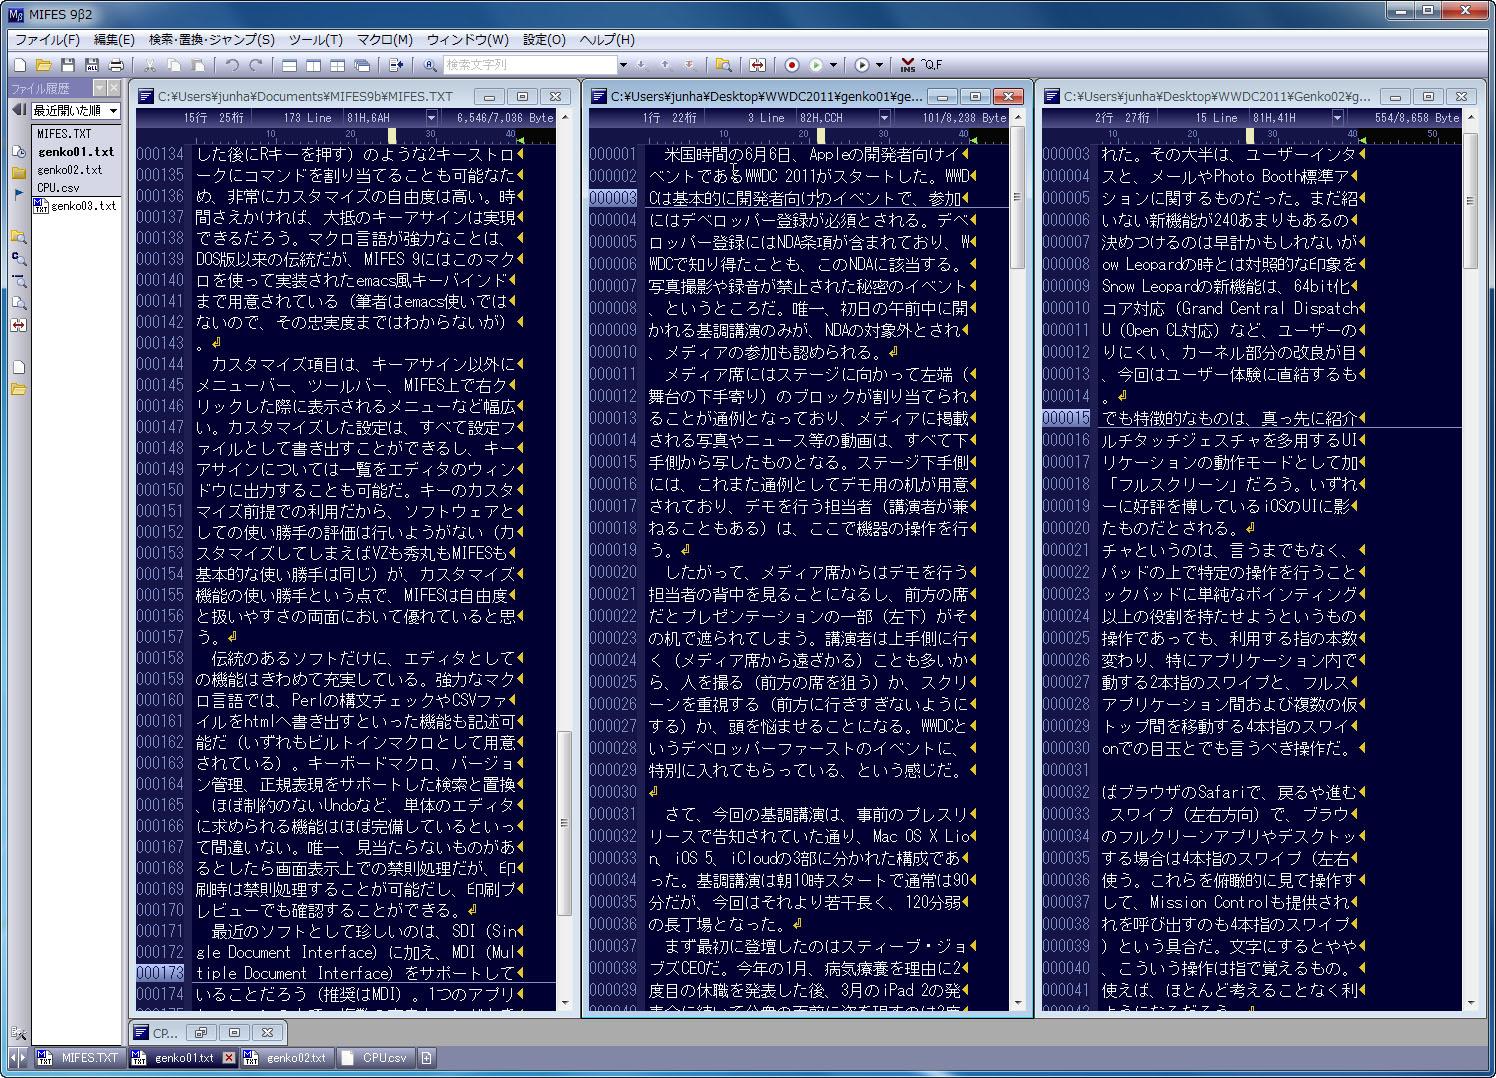 同様に3つの文書を並べることもできるが、同時スクロールできるのは2文書まで